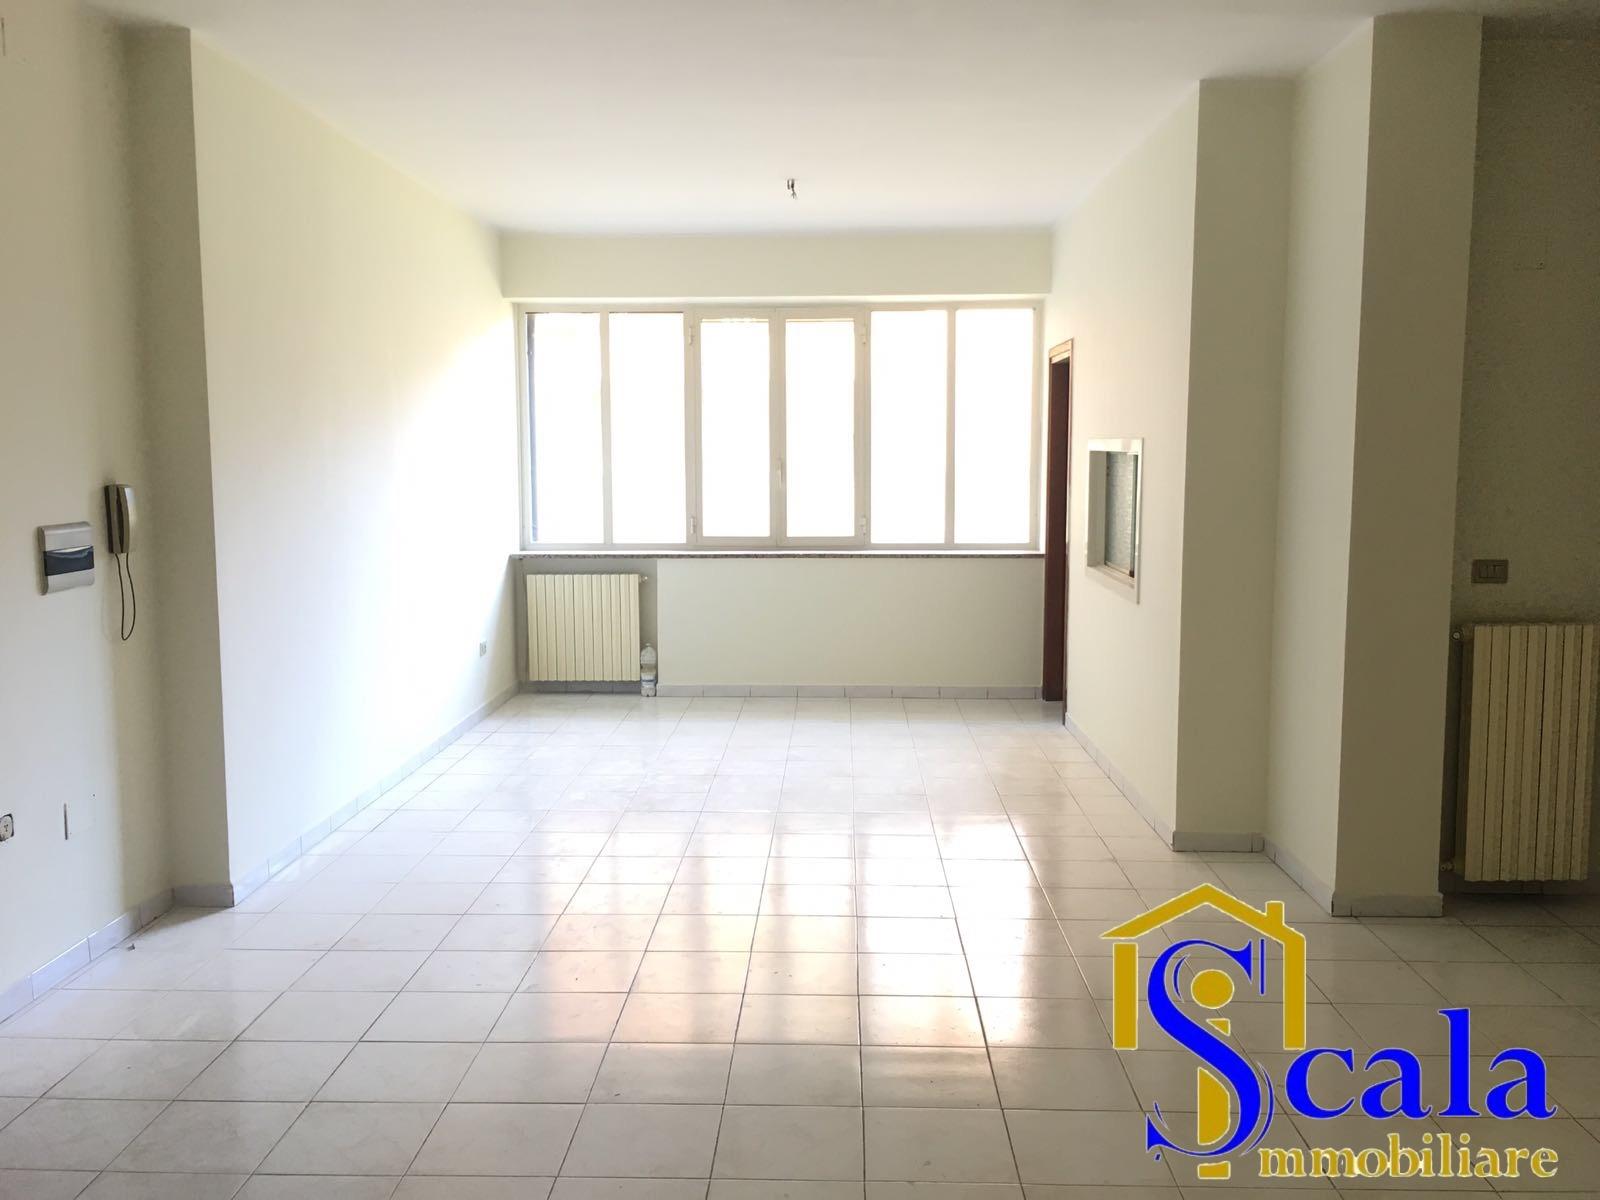 Appartamento in affitto a Macerata Campania, 4 locali, prezzo € 390 | CambioCasa.it